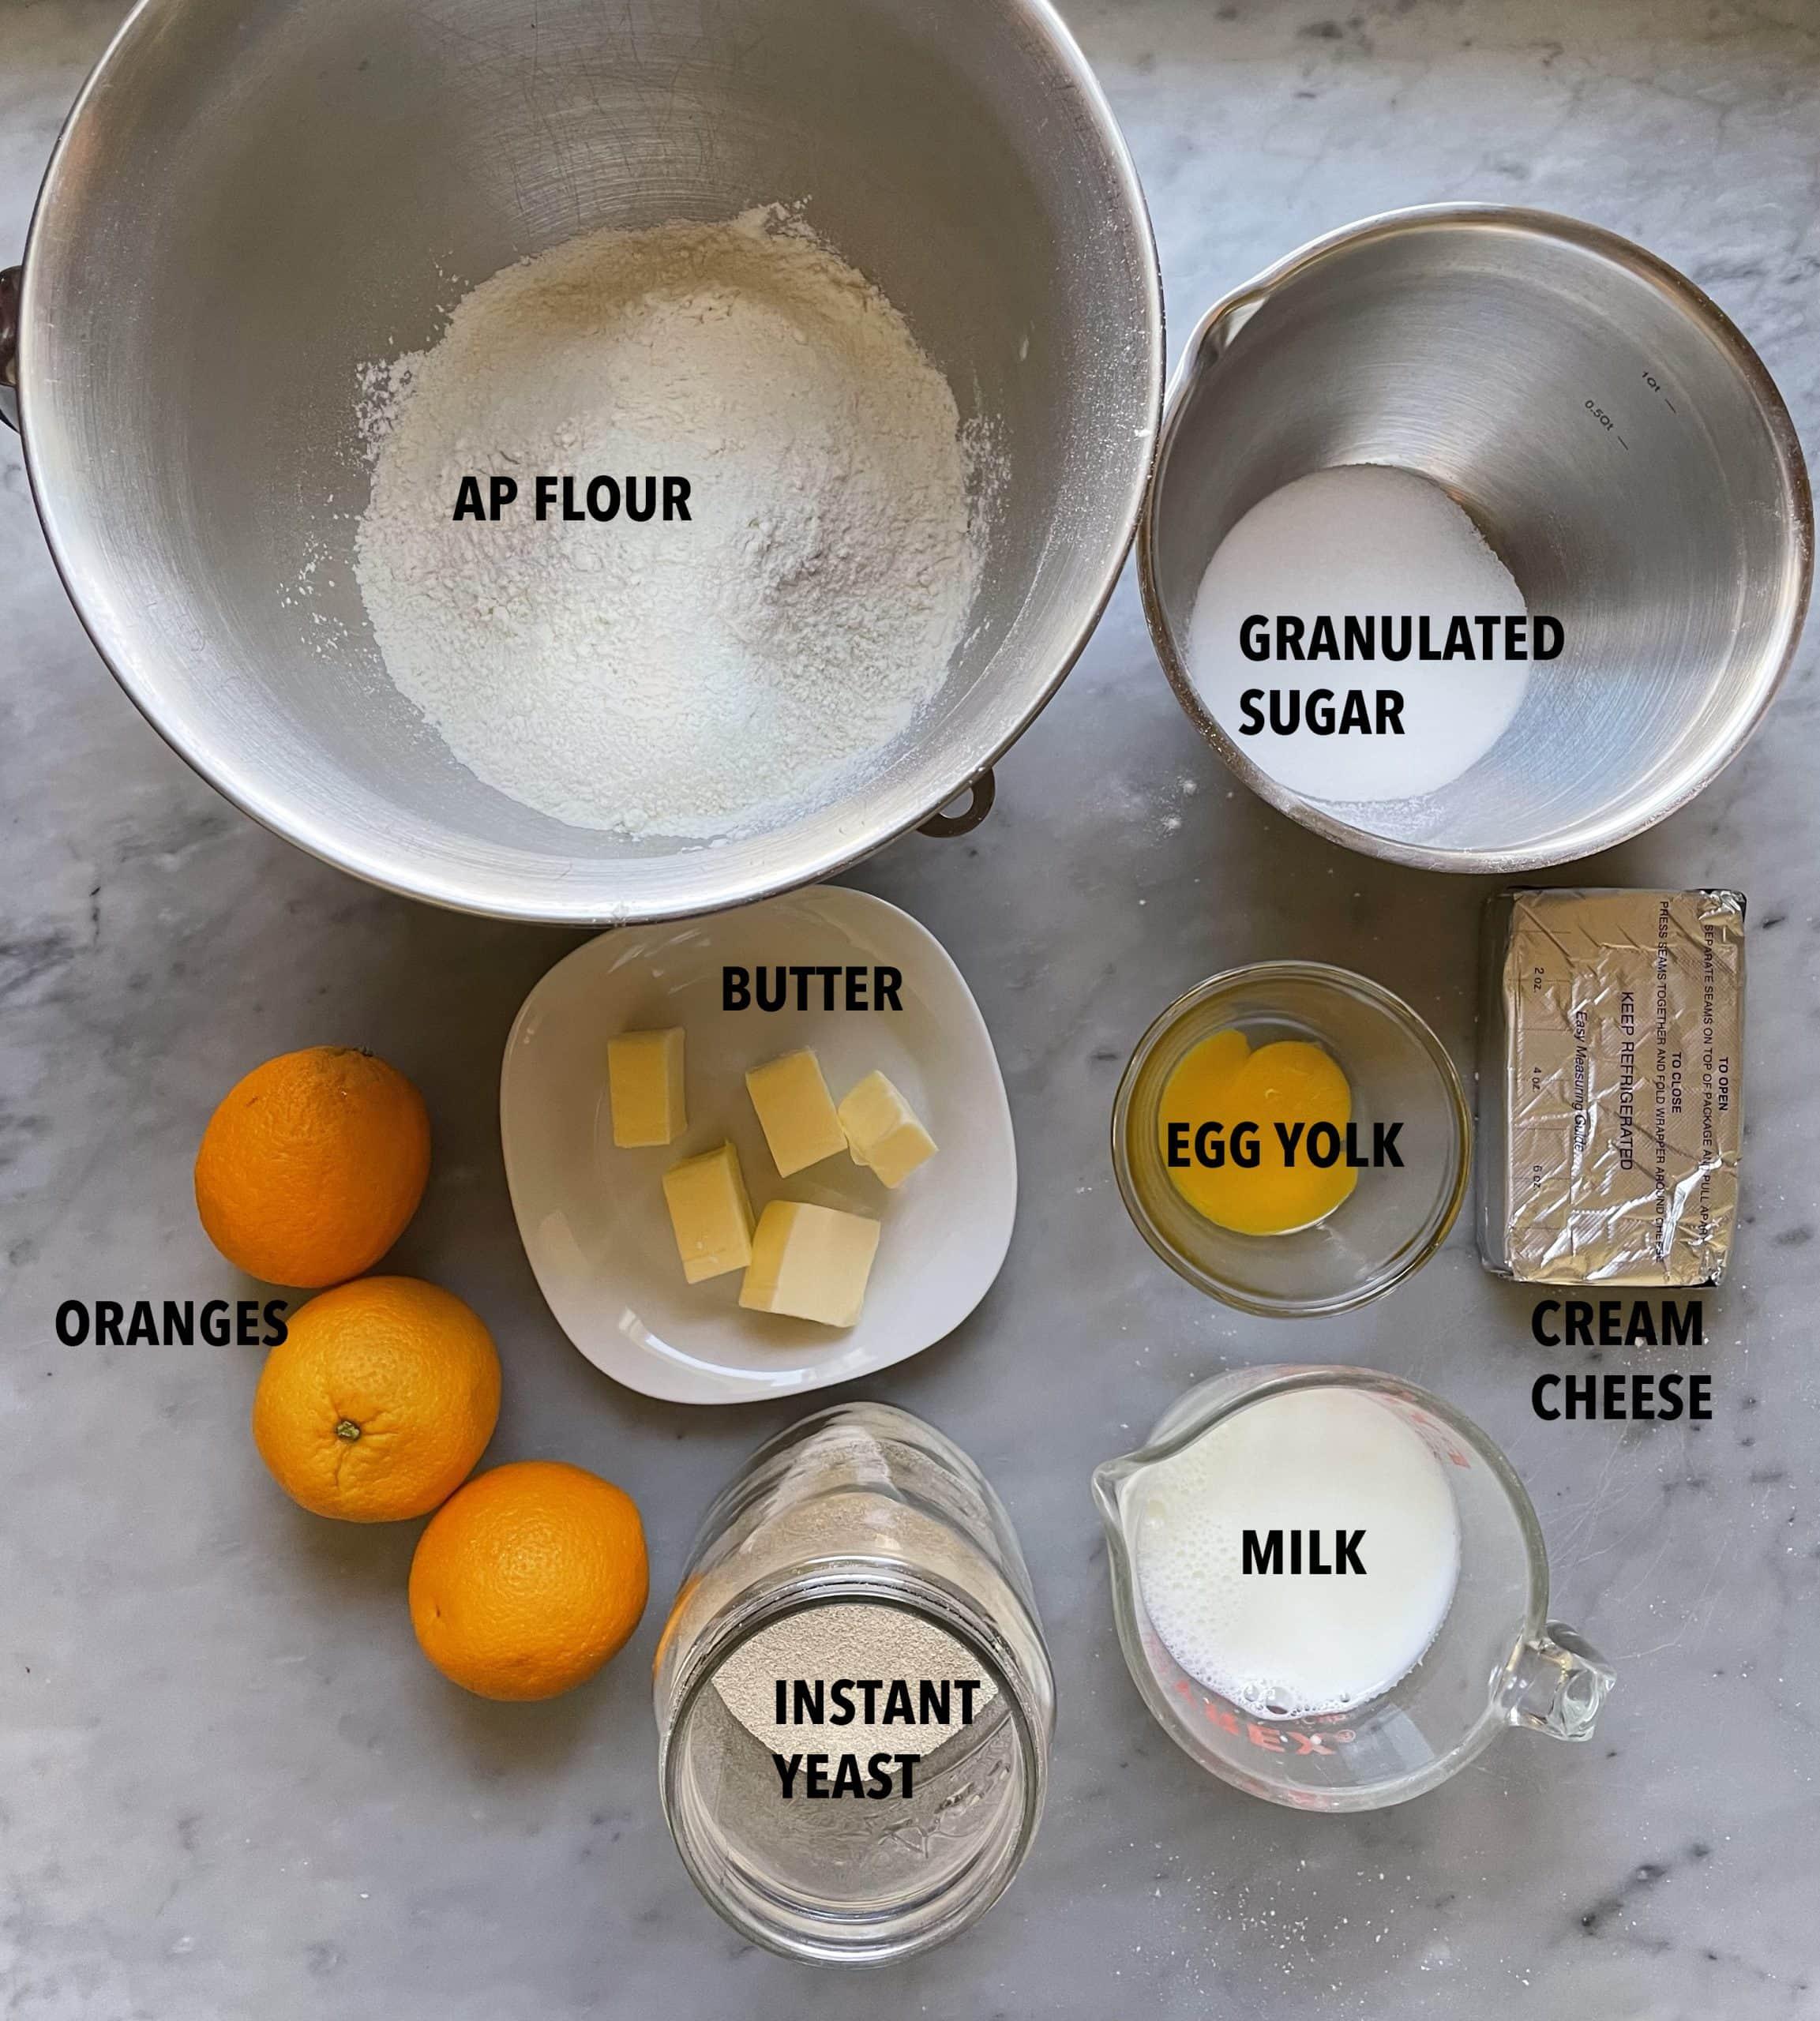 Image of Orange Hefekranz ingredients